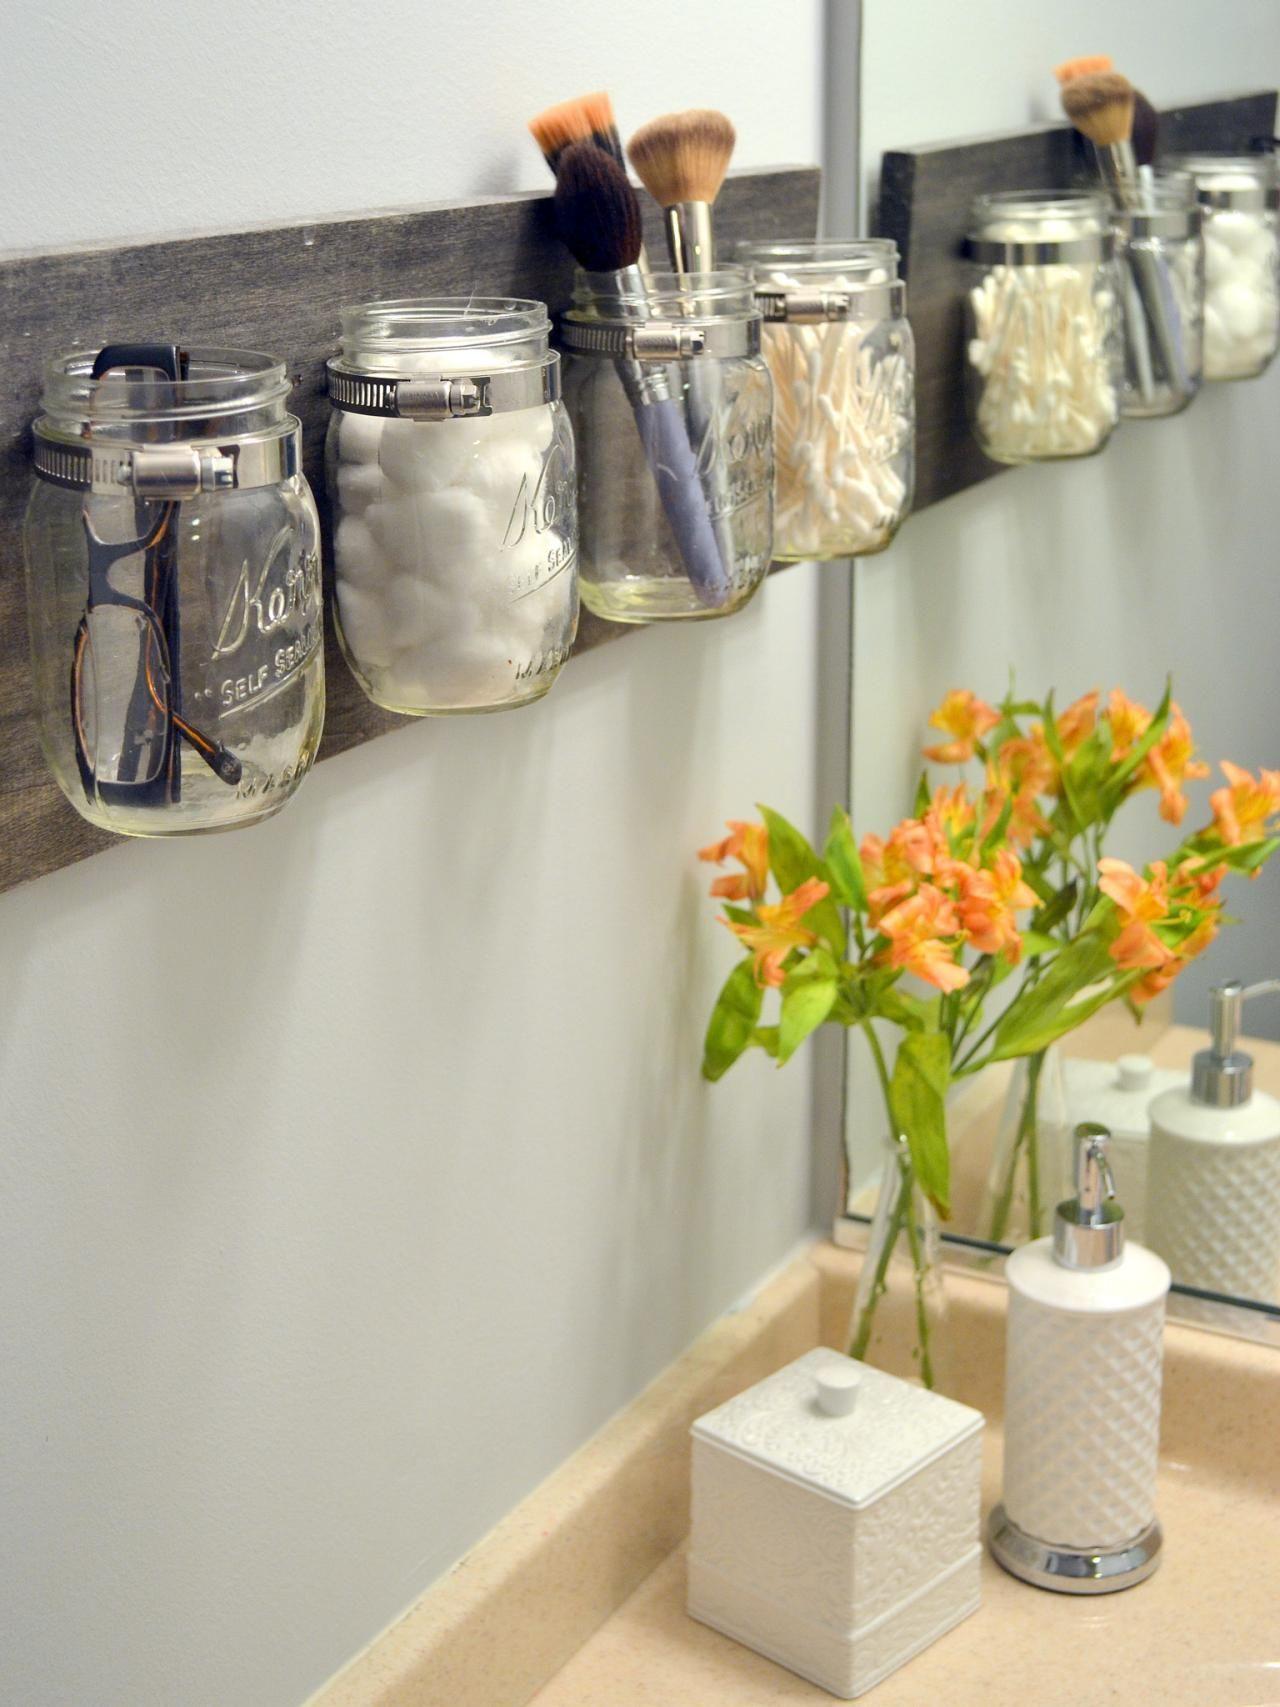 Kleines badezimmer dekor diy organization and storage ideas for small spaces  interior design